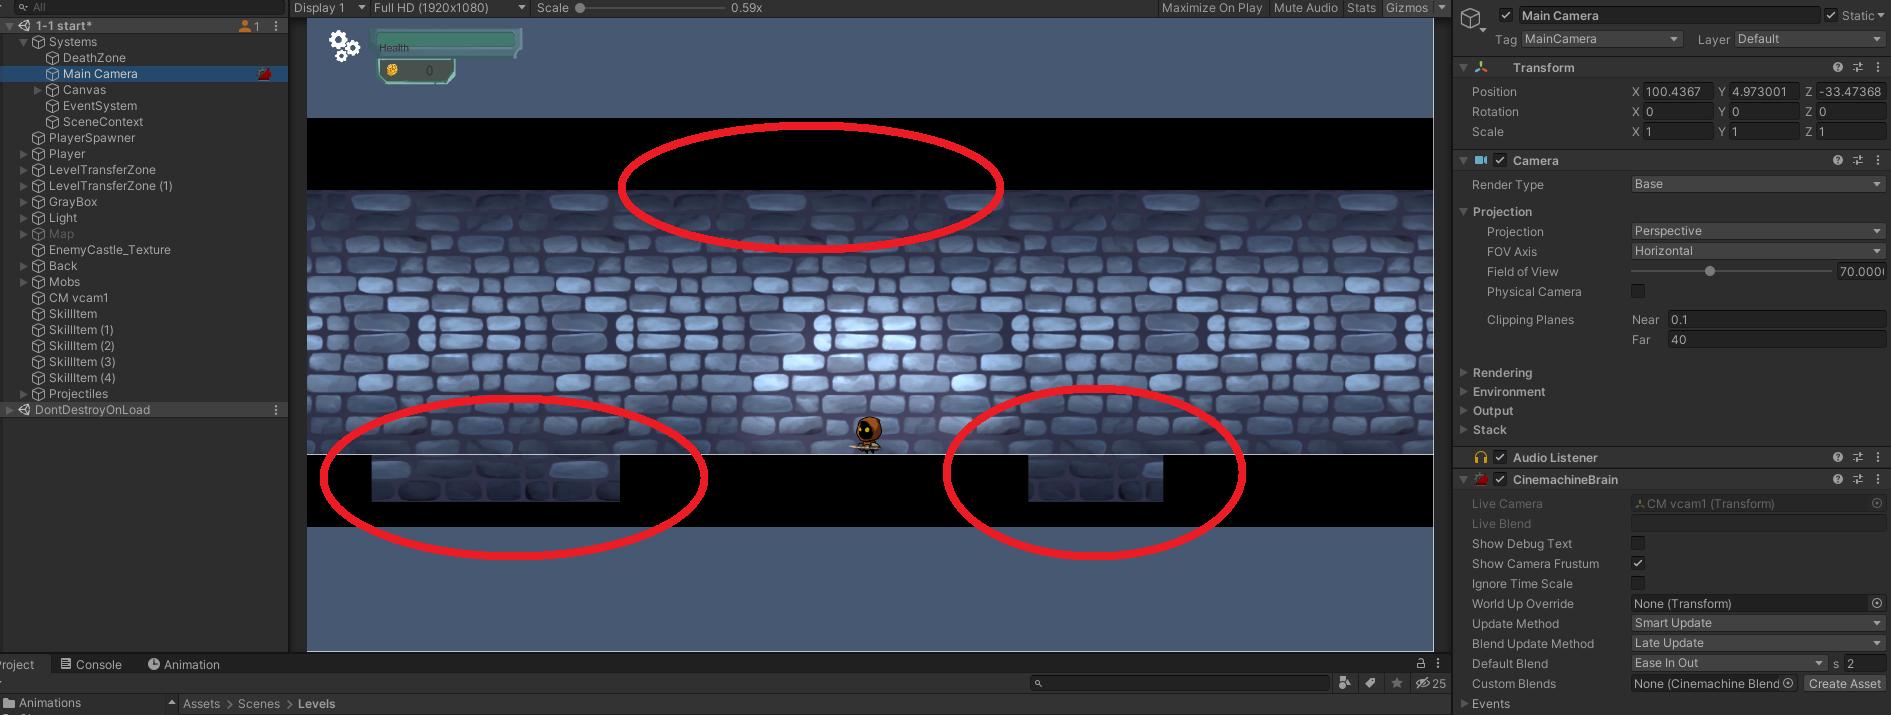 60363b98a932d295744314 | Как решить проблему с камерой (Perspective) в 2Д проекте на Unity?